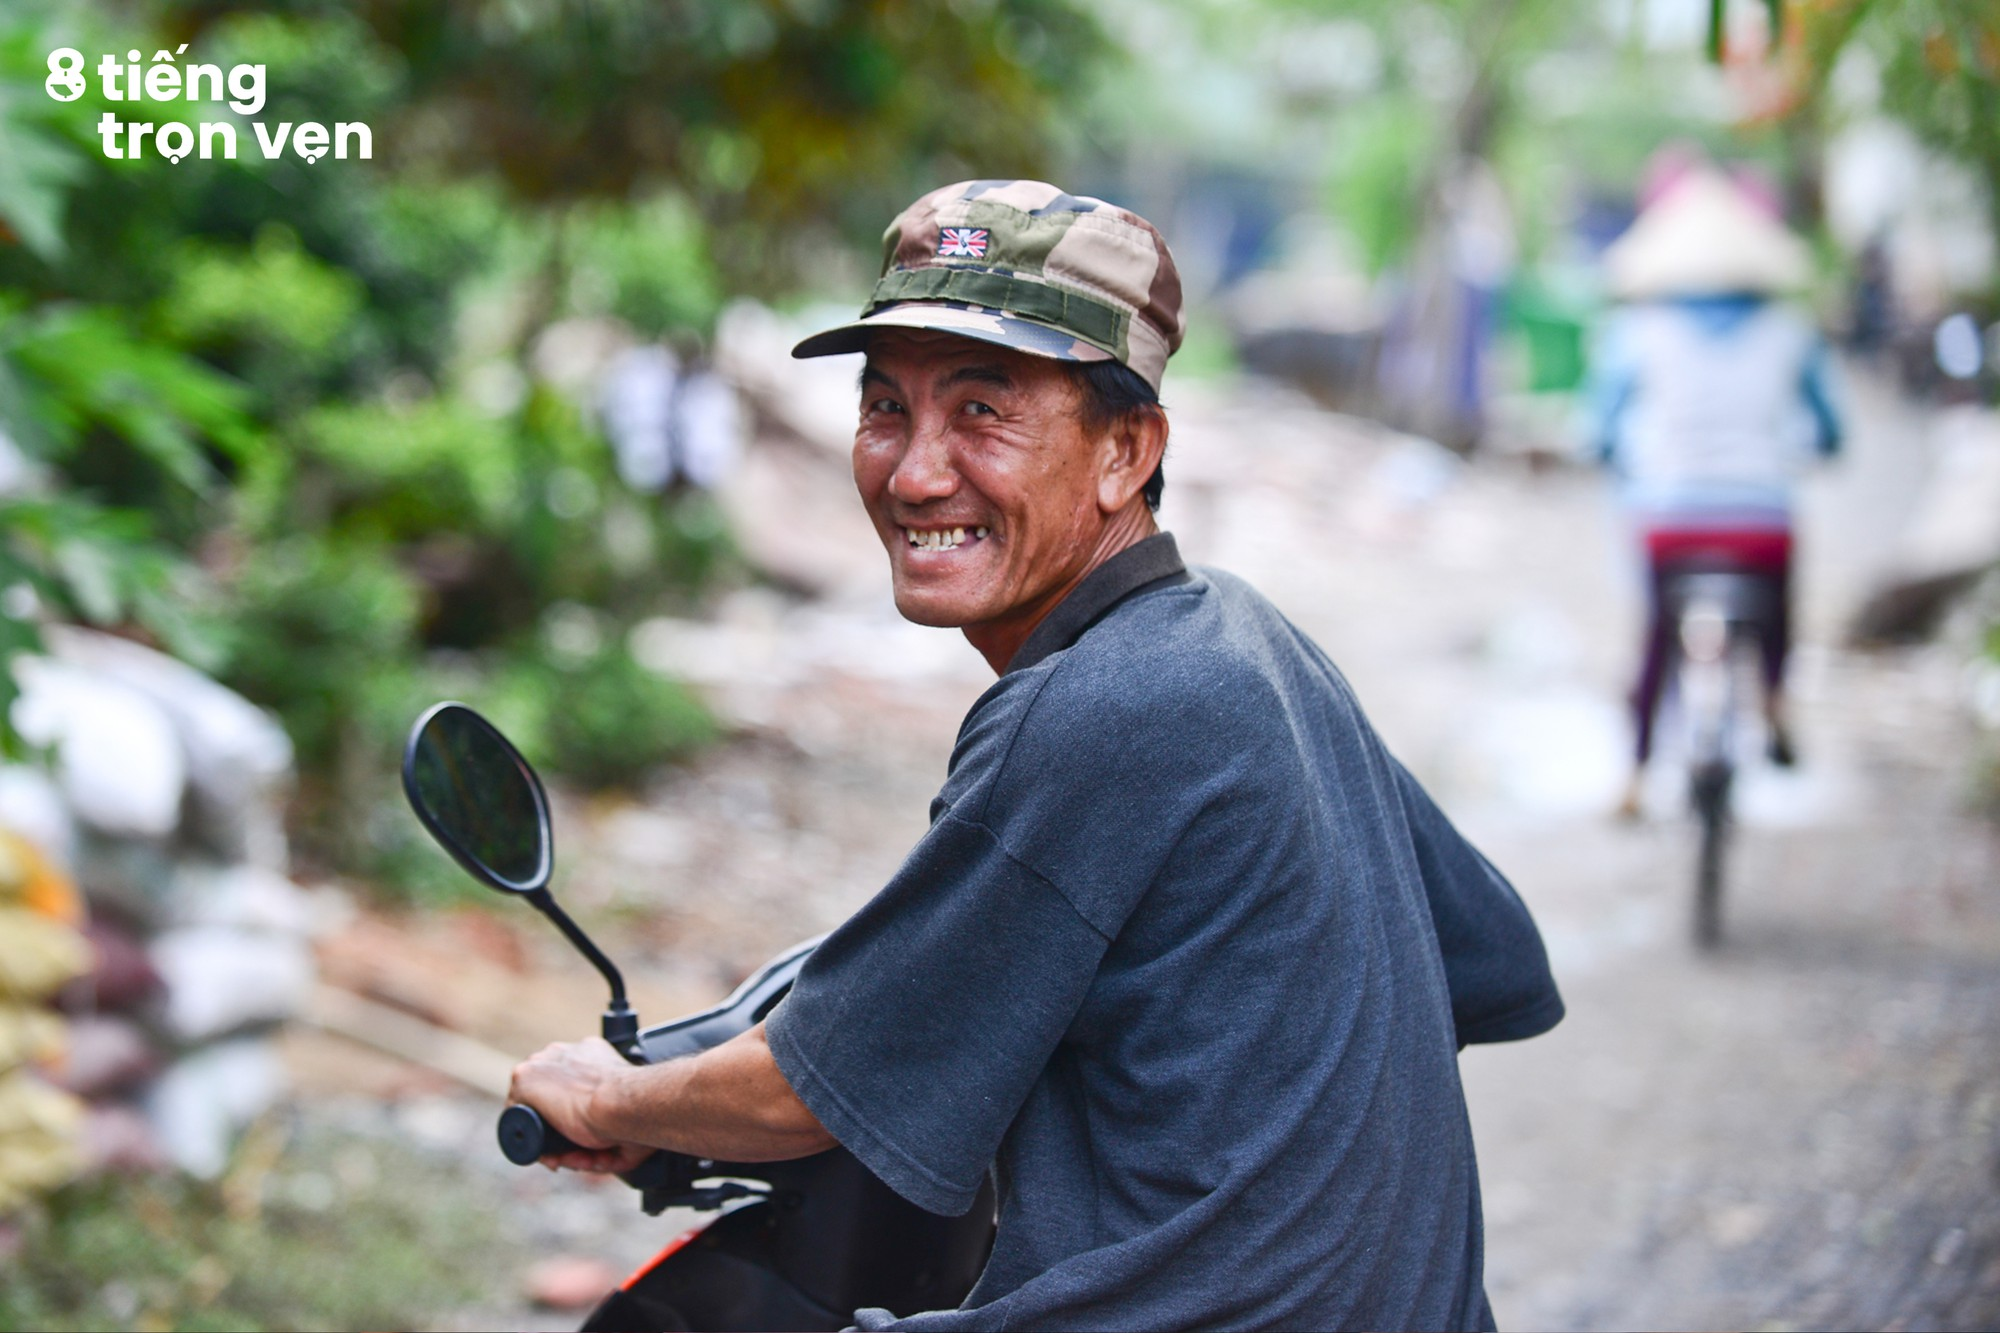 8 tiếng trọn vẹn - Bộ ảnh đầy cảm xúc về cuộc sống mưu sinh hối hả của những công nhân Sài Gòn sau giờ tan ca - Ảnh 18.